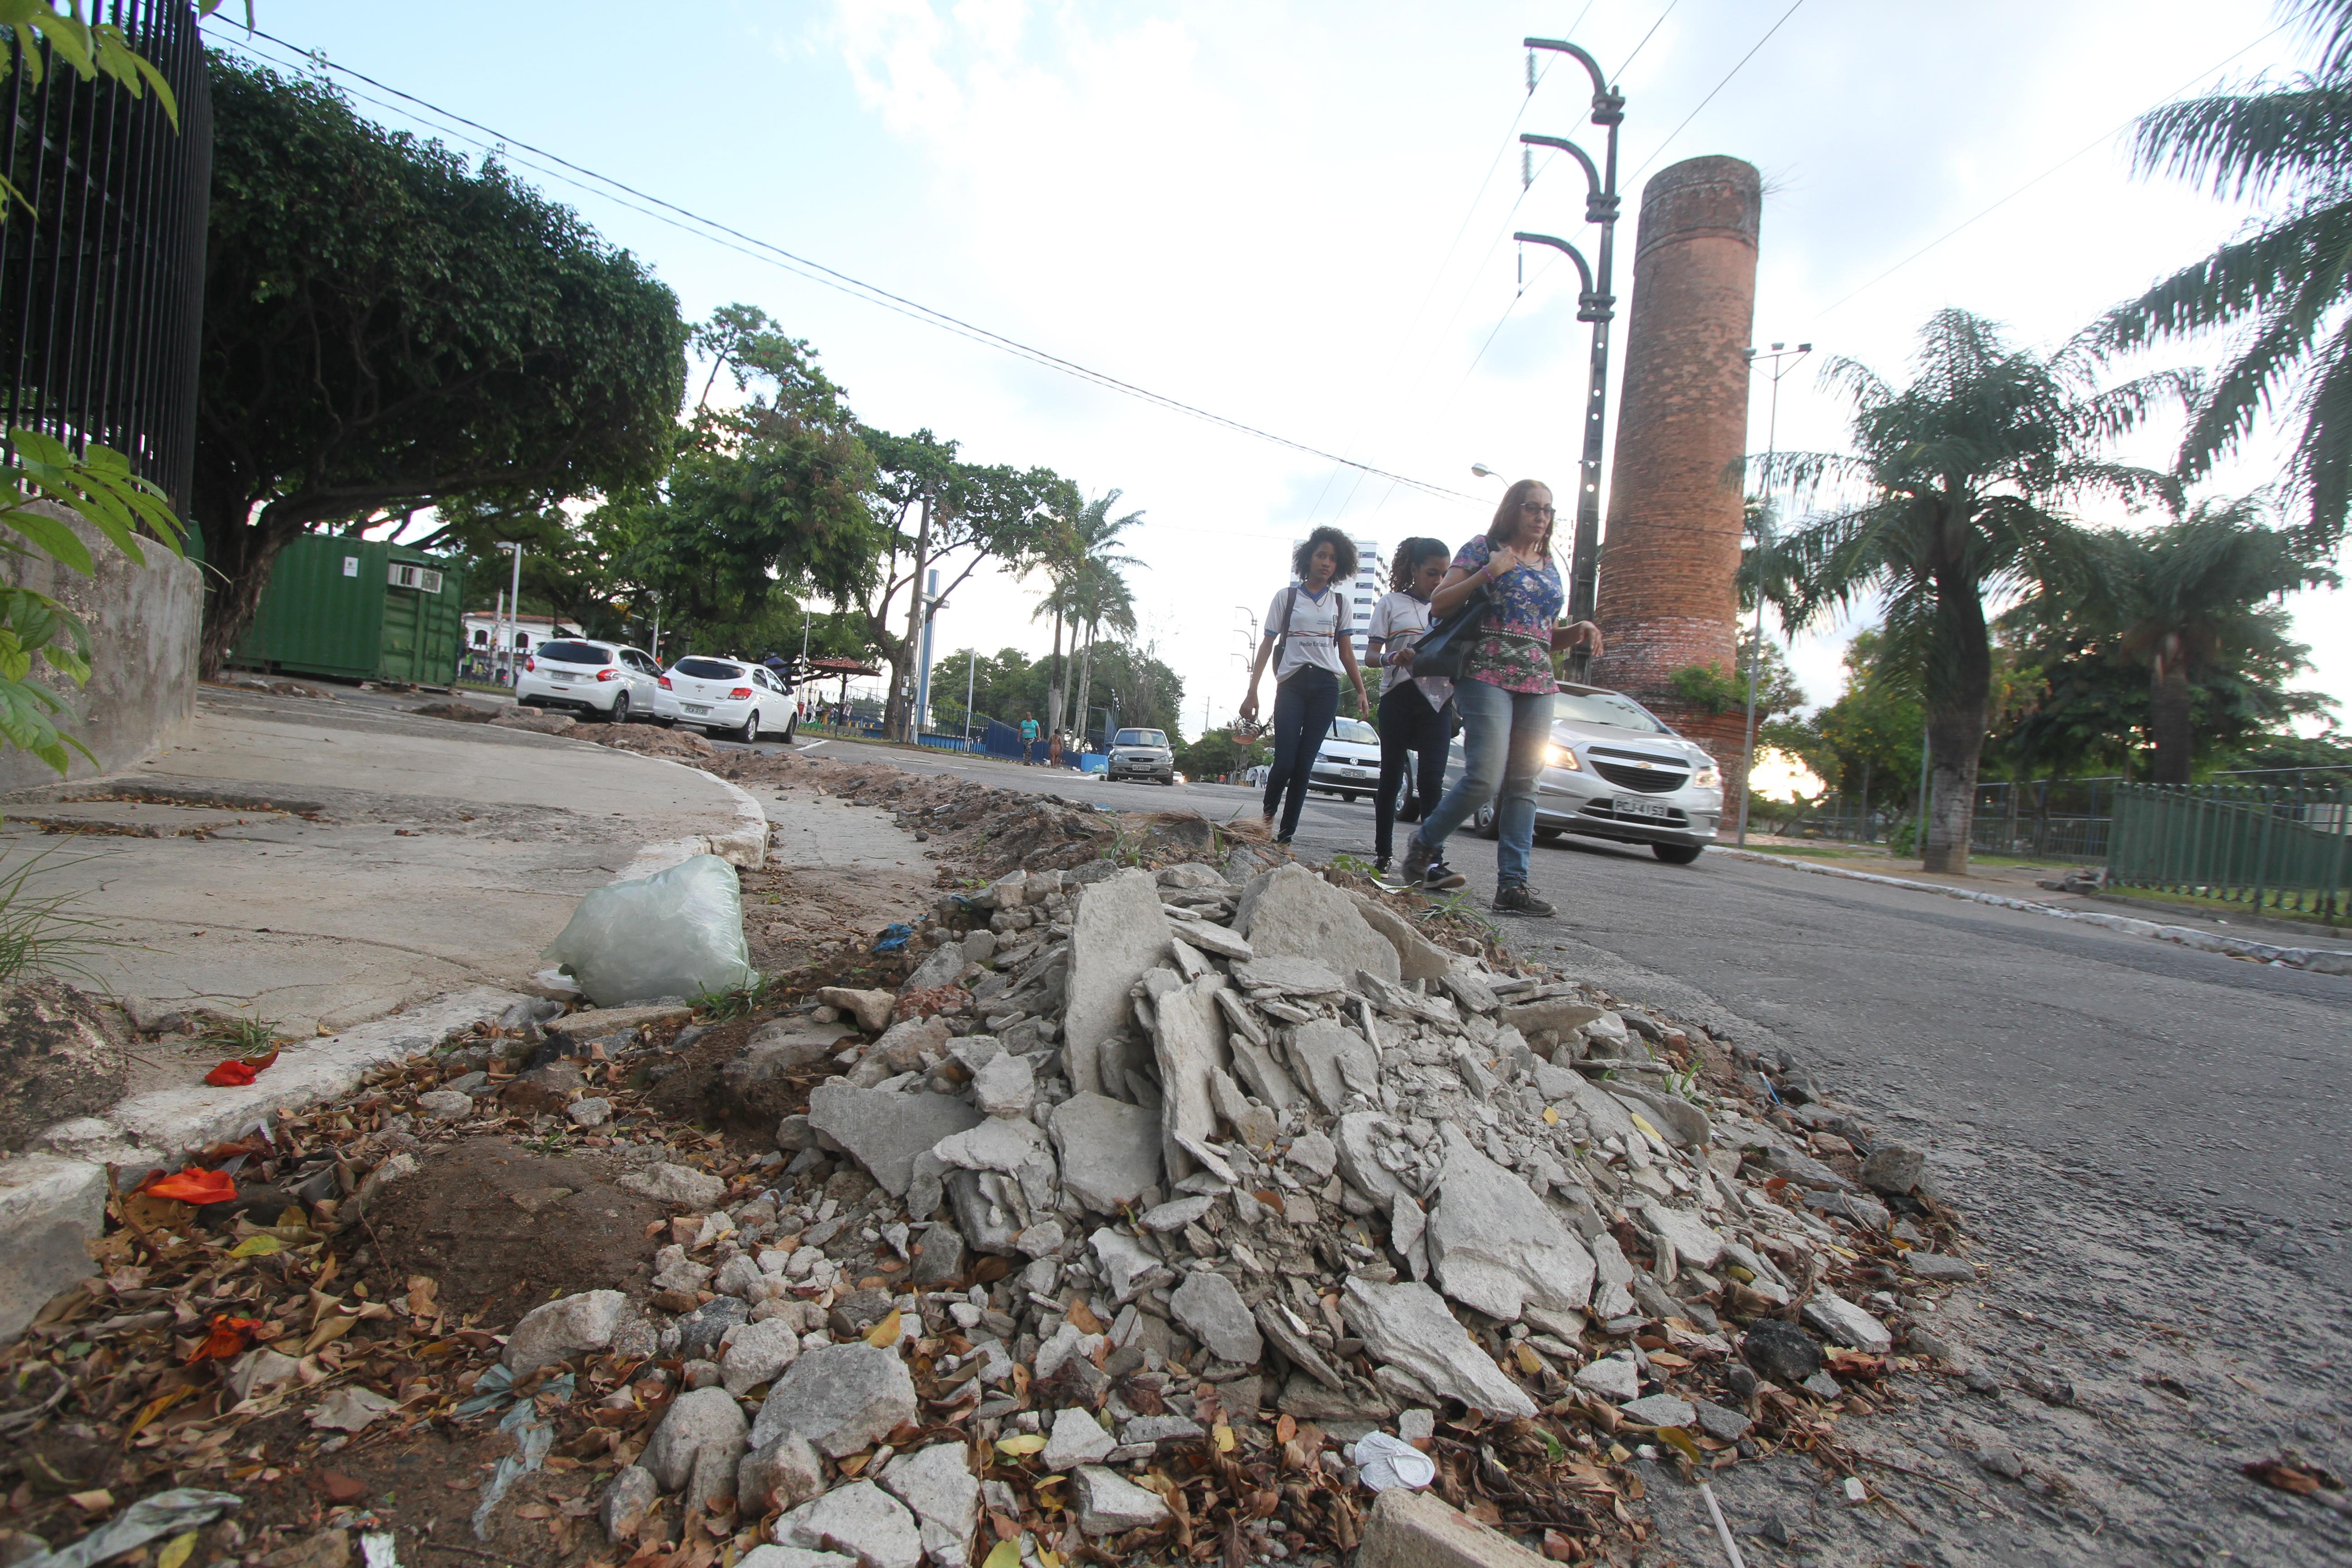 Investimento vai priorizar obras de acessibilidade para os pedestres em vias e calçadas. Crédito: Nando Chiappetta/DP